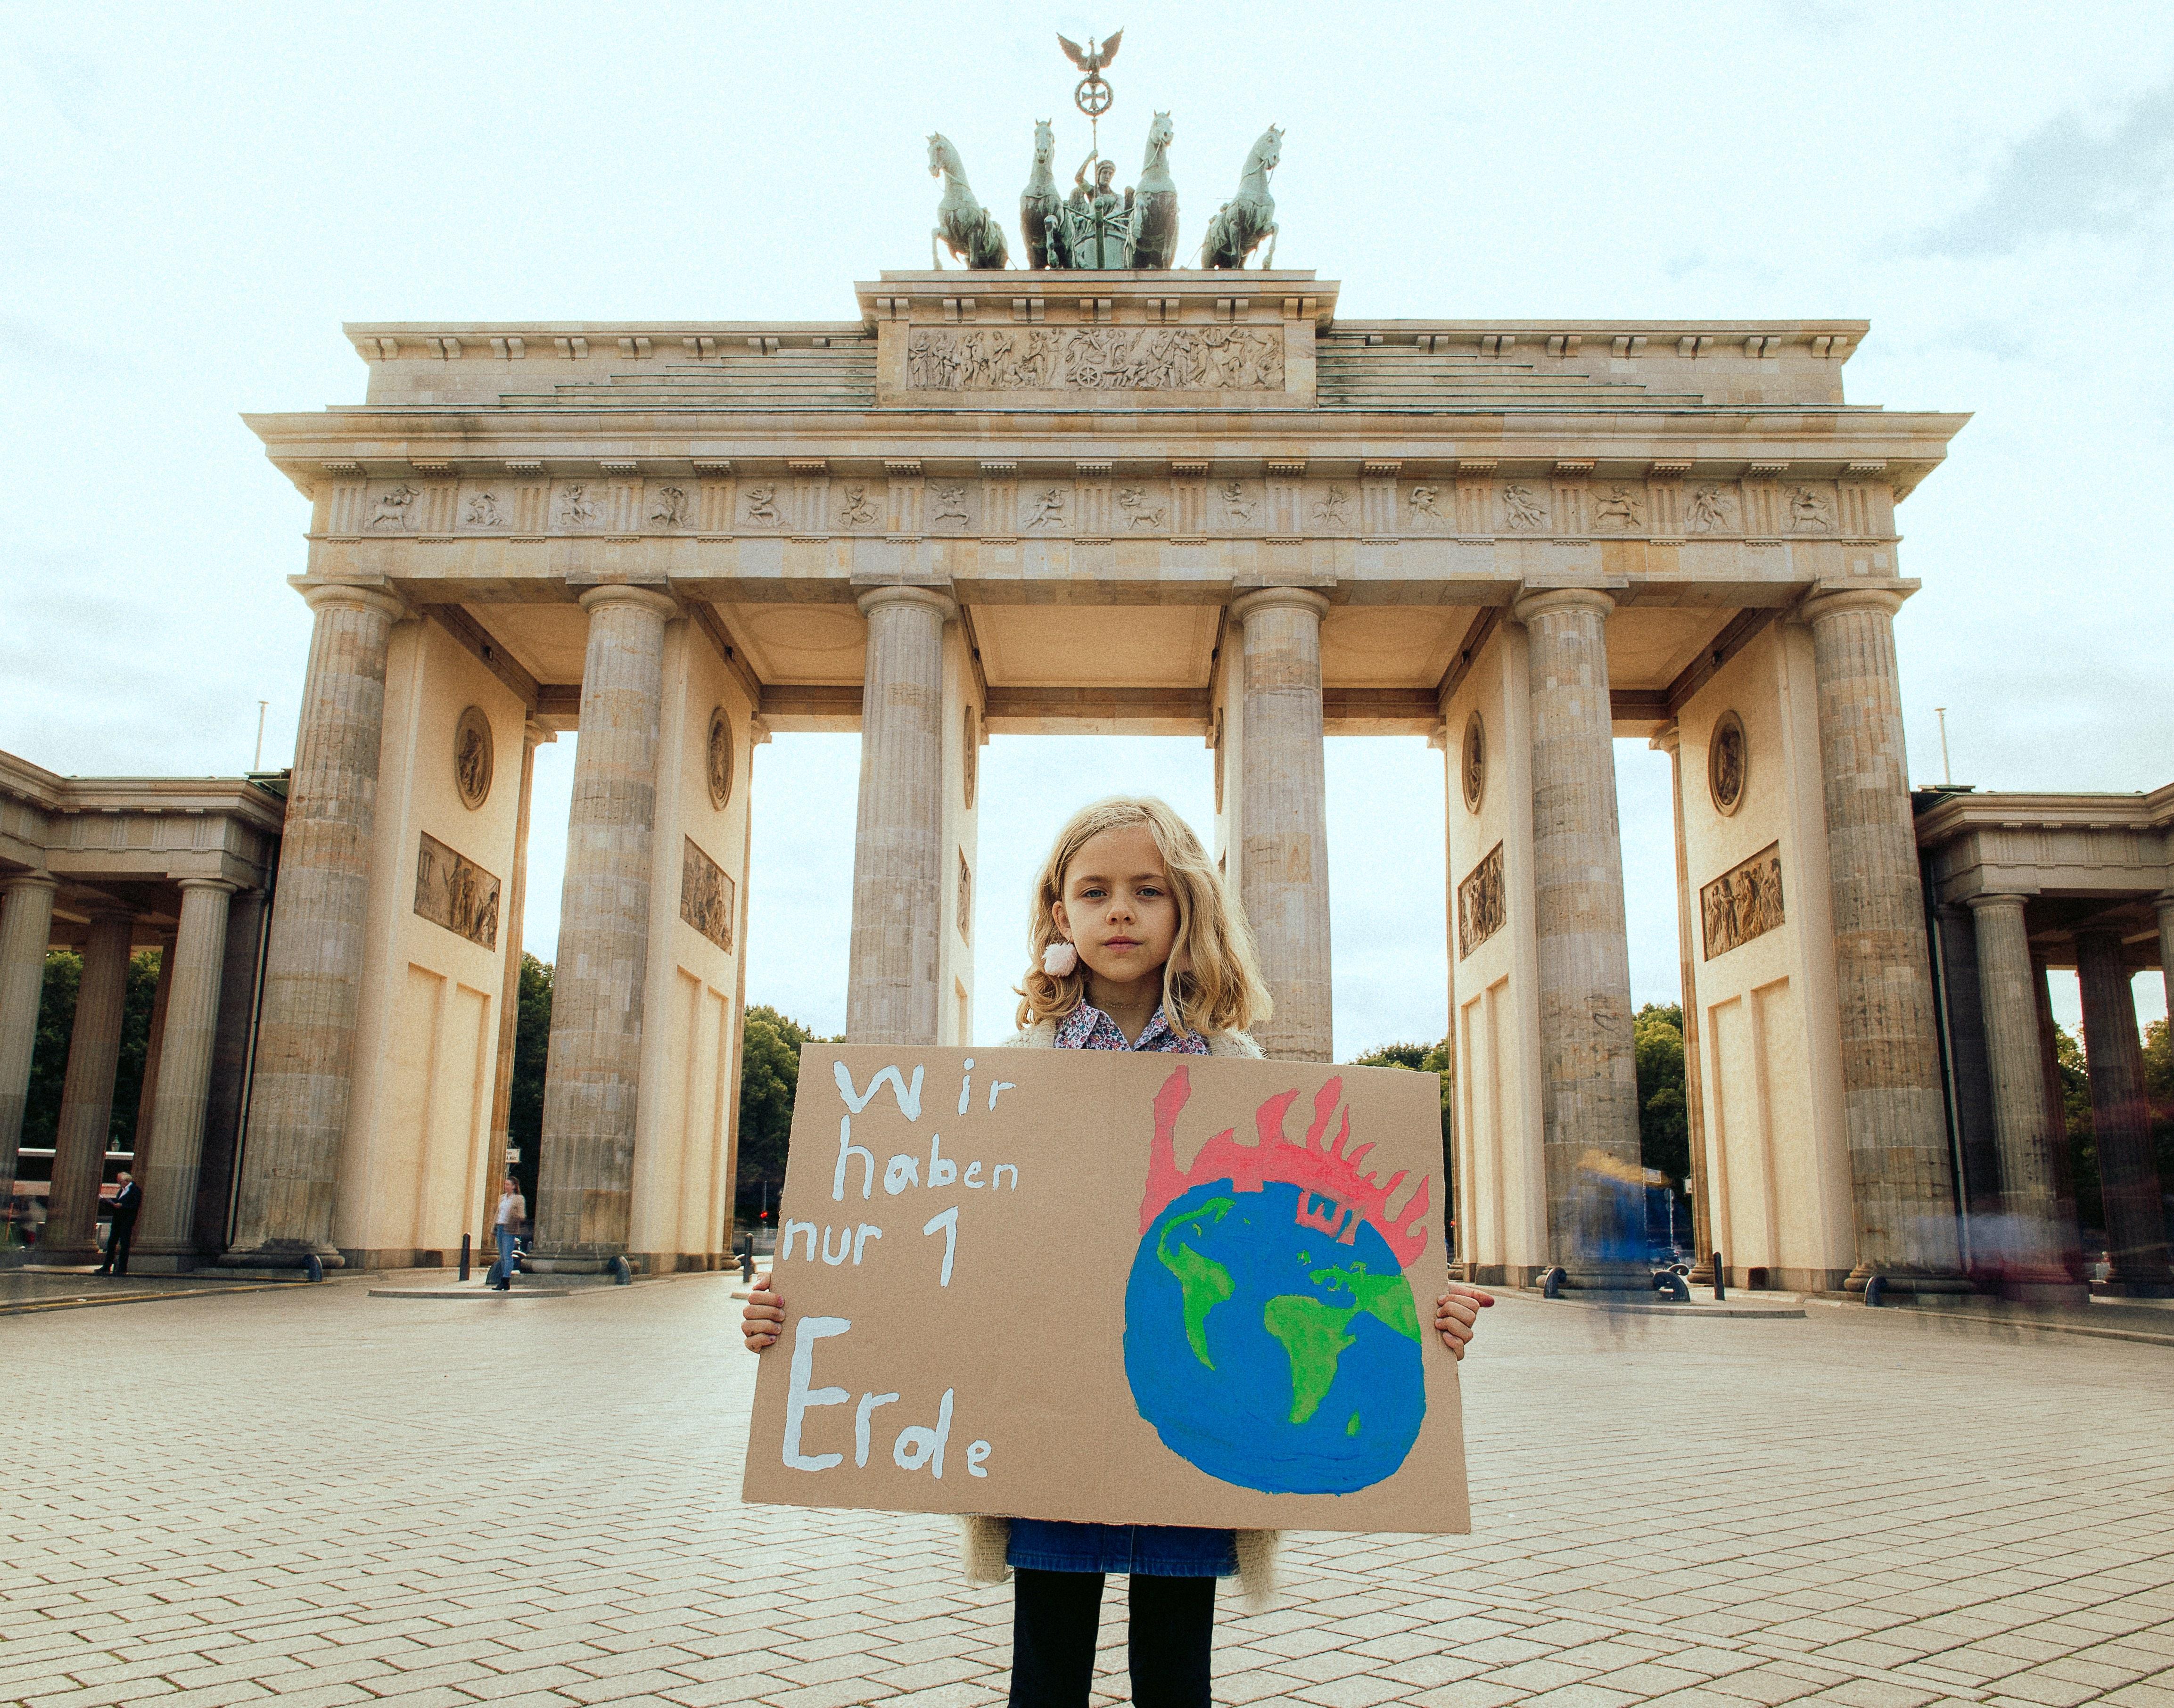 Mia vor dem Brandenburger Tor mit Schild: Wir haben nur 1 Erde.